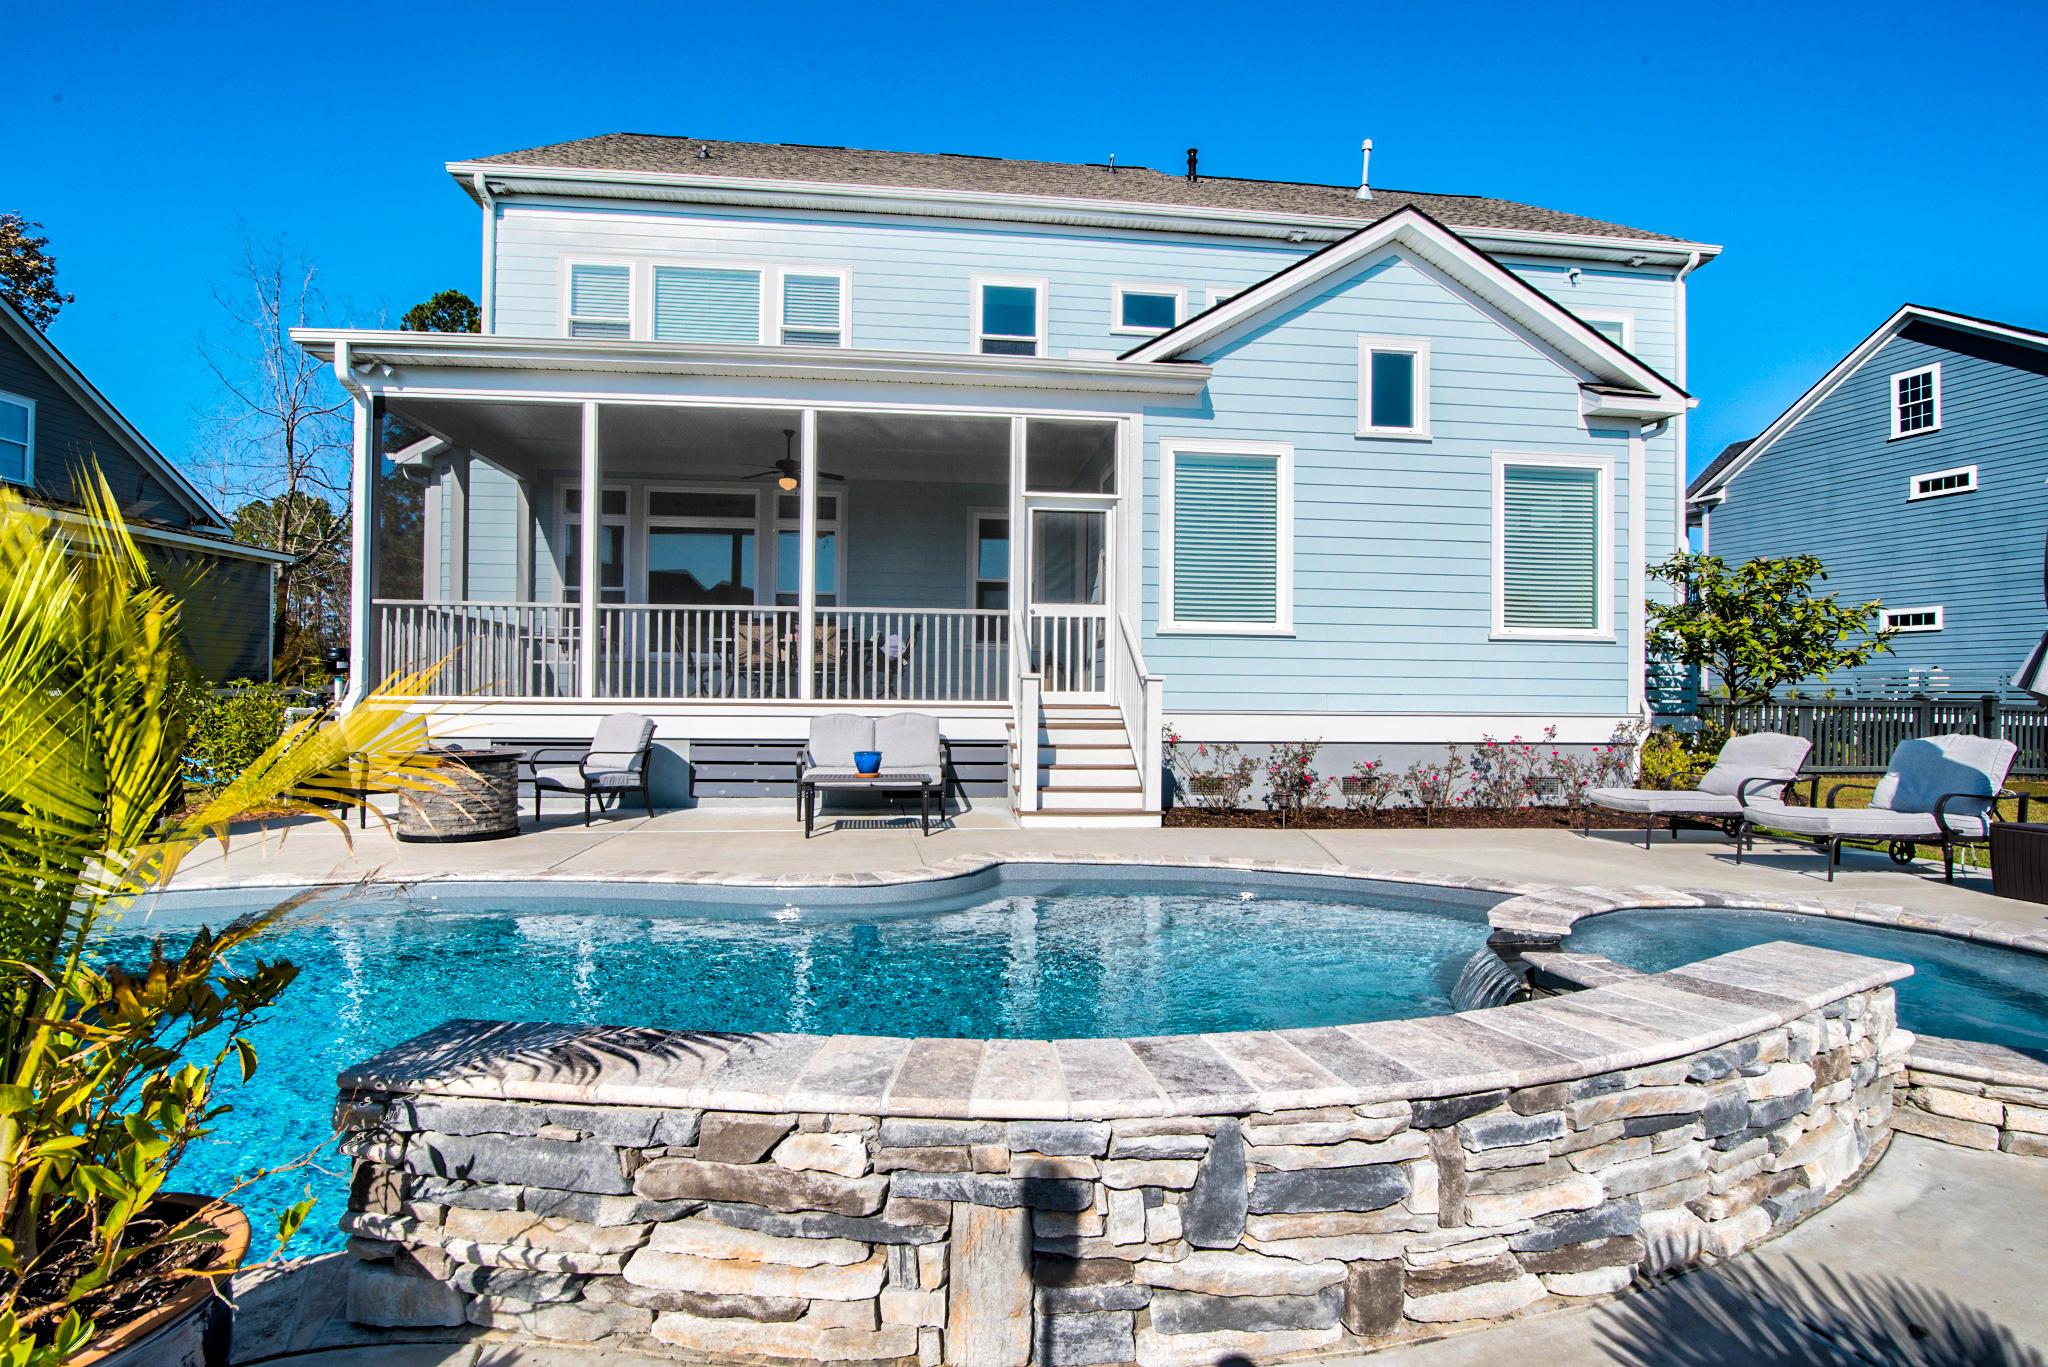 Dunes West Homes For Sale - 2883 River Vista, Mount Pleasant, SC - 17